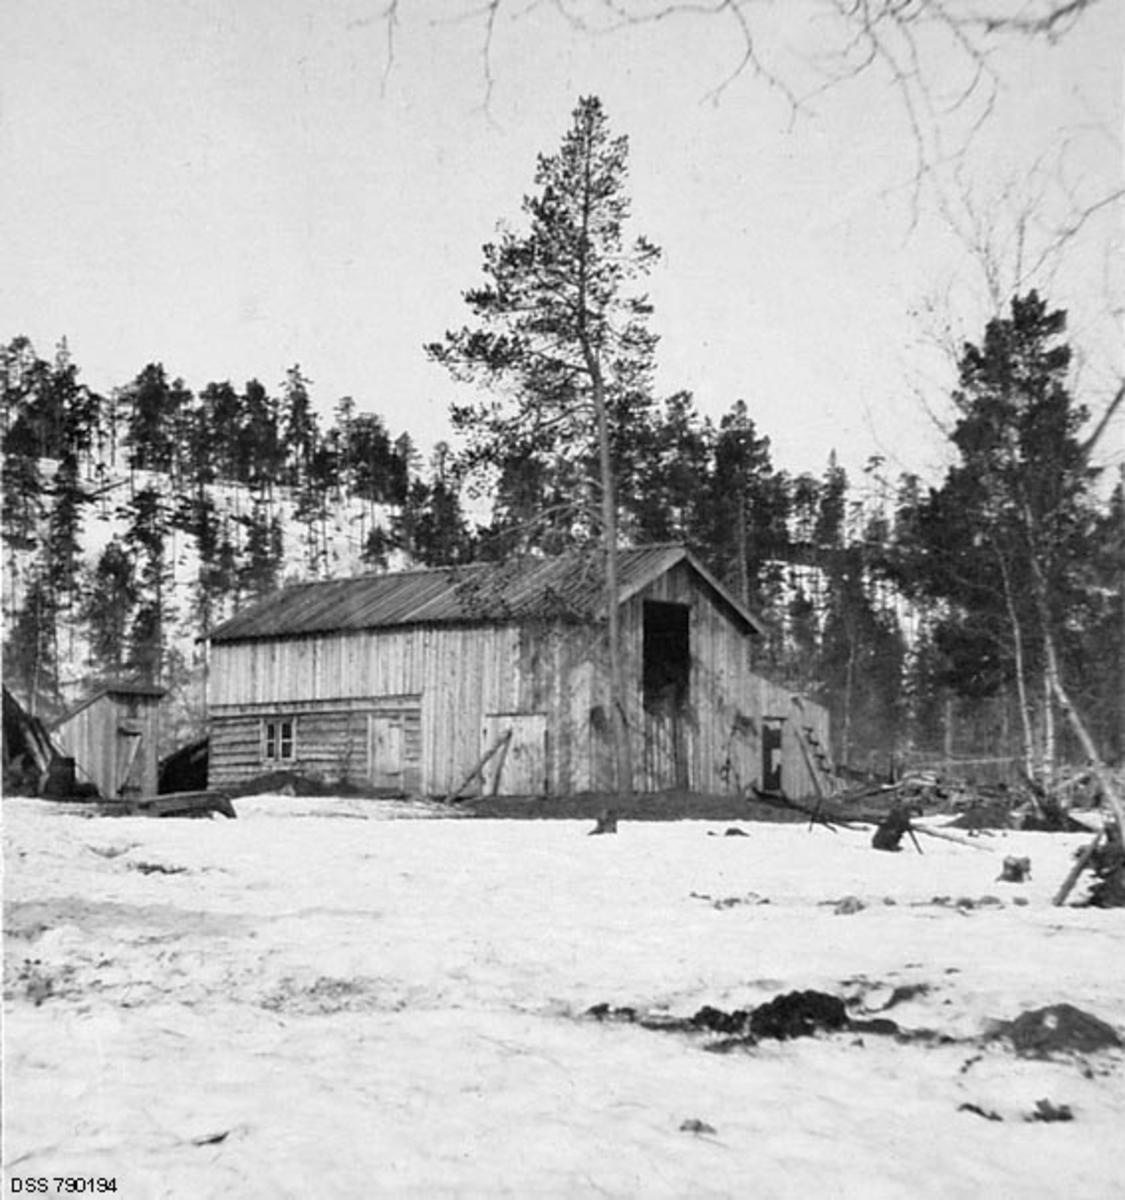 Driftsbygning på skogvoktergarden Nesheim i Pasvikdalføret.  Fotografiet er tatt på snødekt mark, antakelig seint på vinteren i 1913.  Fotografiet viser en driftsbygning, der deler av underetasjen var utført i lafteteknikk.  Denne delen av bygningen inneholdt antakelig fjøs- og stallrom. Ellers er bygningen oppført i bordkledd bindingsverk.  Bordkledningen er en vertikalstilt glattpanel, såkalt «låvepanel».  Saltaket later til å være tekket med bord.  I den gavlenden som vender mot fotografen er det en stor portåpning til «kjøringa» i den øvre delen av bygningen.  Denne porten hadde ennå ikke fått dører, og hadde heller ingen oppkjørselsbru.  Det kan imidlertid synes som om det er ei slik bru i den andre bygningsgavlen.  Det ser også ut til at man var i ferd med å reise en tilbygning i bordkledd bindingsverk med pulttak langs den langveggen vi ikke ser på dette fotografiet.  Denne tilbygningen hadde ennå ikke fått tak da bildet ble tatt.  Til venstre for driftsbygningen står et lite hus med pulttak, antakelig en utedo.  Den snødekte flata i forgrunnen er antakelig dyrket mark.  I bakgrunnen en åsrygg med glissen furuskog.   Den gamle skogvoktergarden Nesheim ble herjet av brann 16. april 1909.  Bebyggelsen var forsikret for 1 650 kroner.  Ettersom mulighetene for å drive jordbruk ved skogvokterboligen hadde vist seg vanskelige, bestemte etaten at skogvoktergarden skulle gjenoppbygges ved Galgonjarg, cirka tre kilometer fra det opprinnelige anlegget.  Gjenoppbygginga tok tid.  Først i 1911 var det «nye Nesheim» ferdig.  Anlegget skal ifølge skogvalteren i distriktet ha fått en noe «større stil» enn det som ble ødelagt av brann, noe som også forklarer at byggekostnadene oversteg både den nevnte brannforsikringssummen og budsjettet på 1 800 kroner.  Endelig byggesum ble 2 112, 03 kroner. Bygningene på bildet er altså bygd i 1910-1911, og det var følgelig bare to-tre år gammelt da dette fotografiet ble tatt.  Skogvokter Ottar H. Øksendal (1869-1971) hadde nettopp fratrå